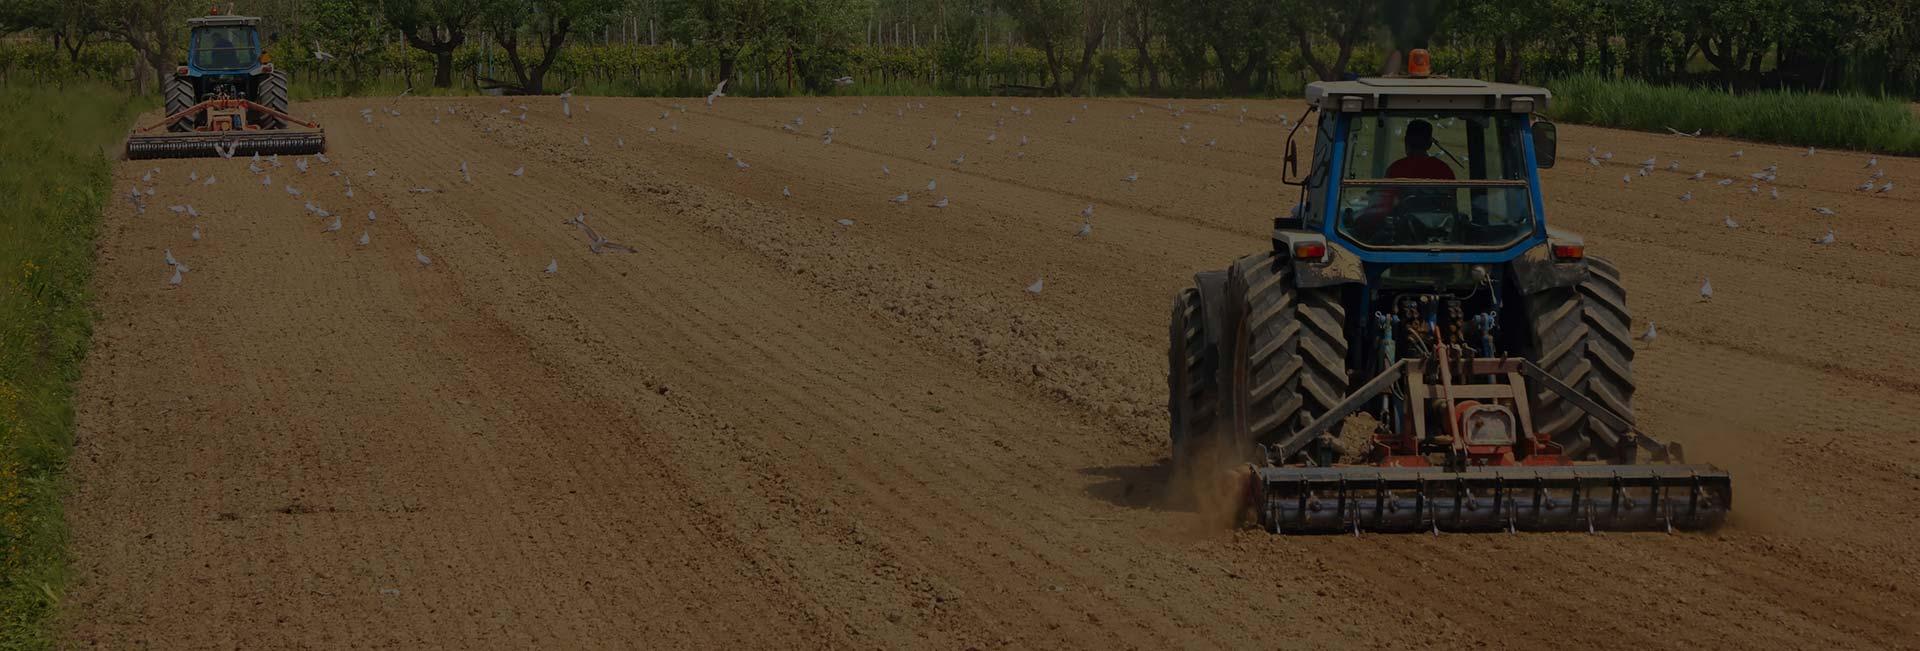 ATTREZZATURE PER AGRICOLTURA